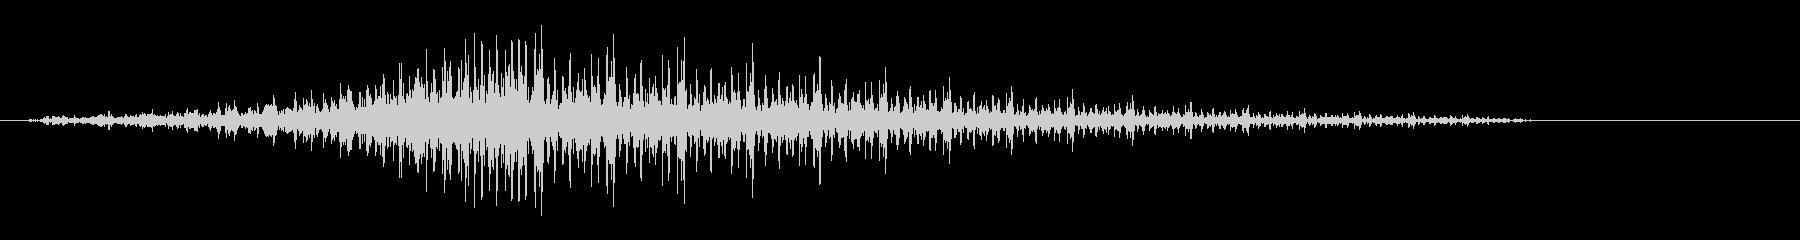 プシーッ シュイーン(高速移動音)の未再生の波形